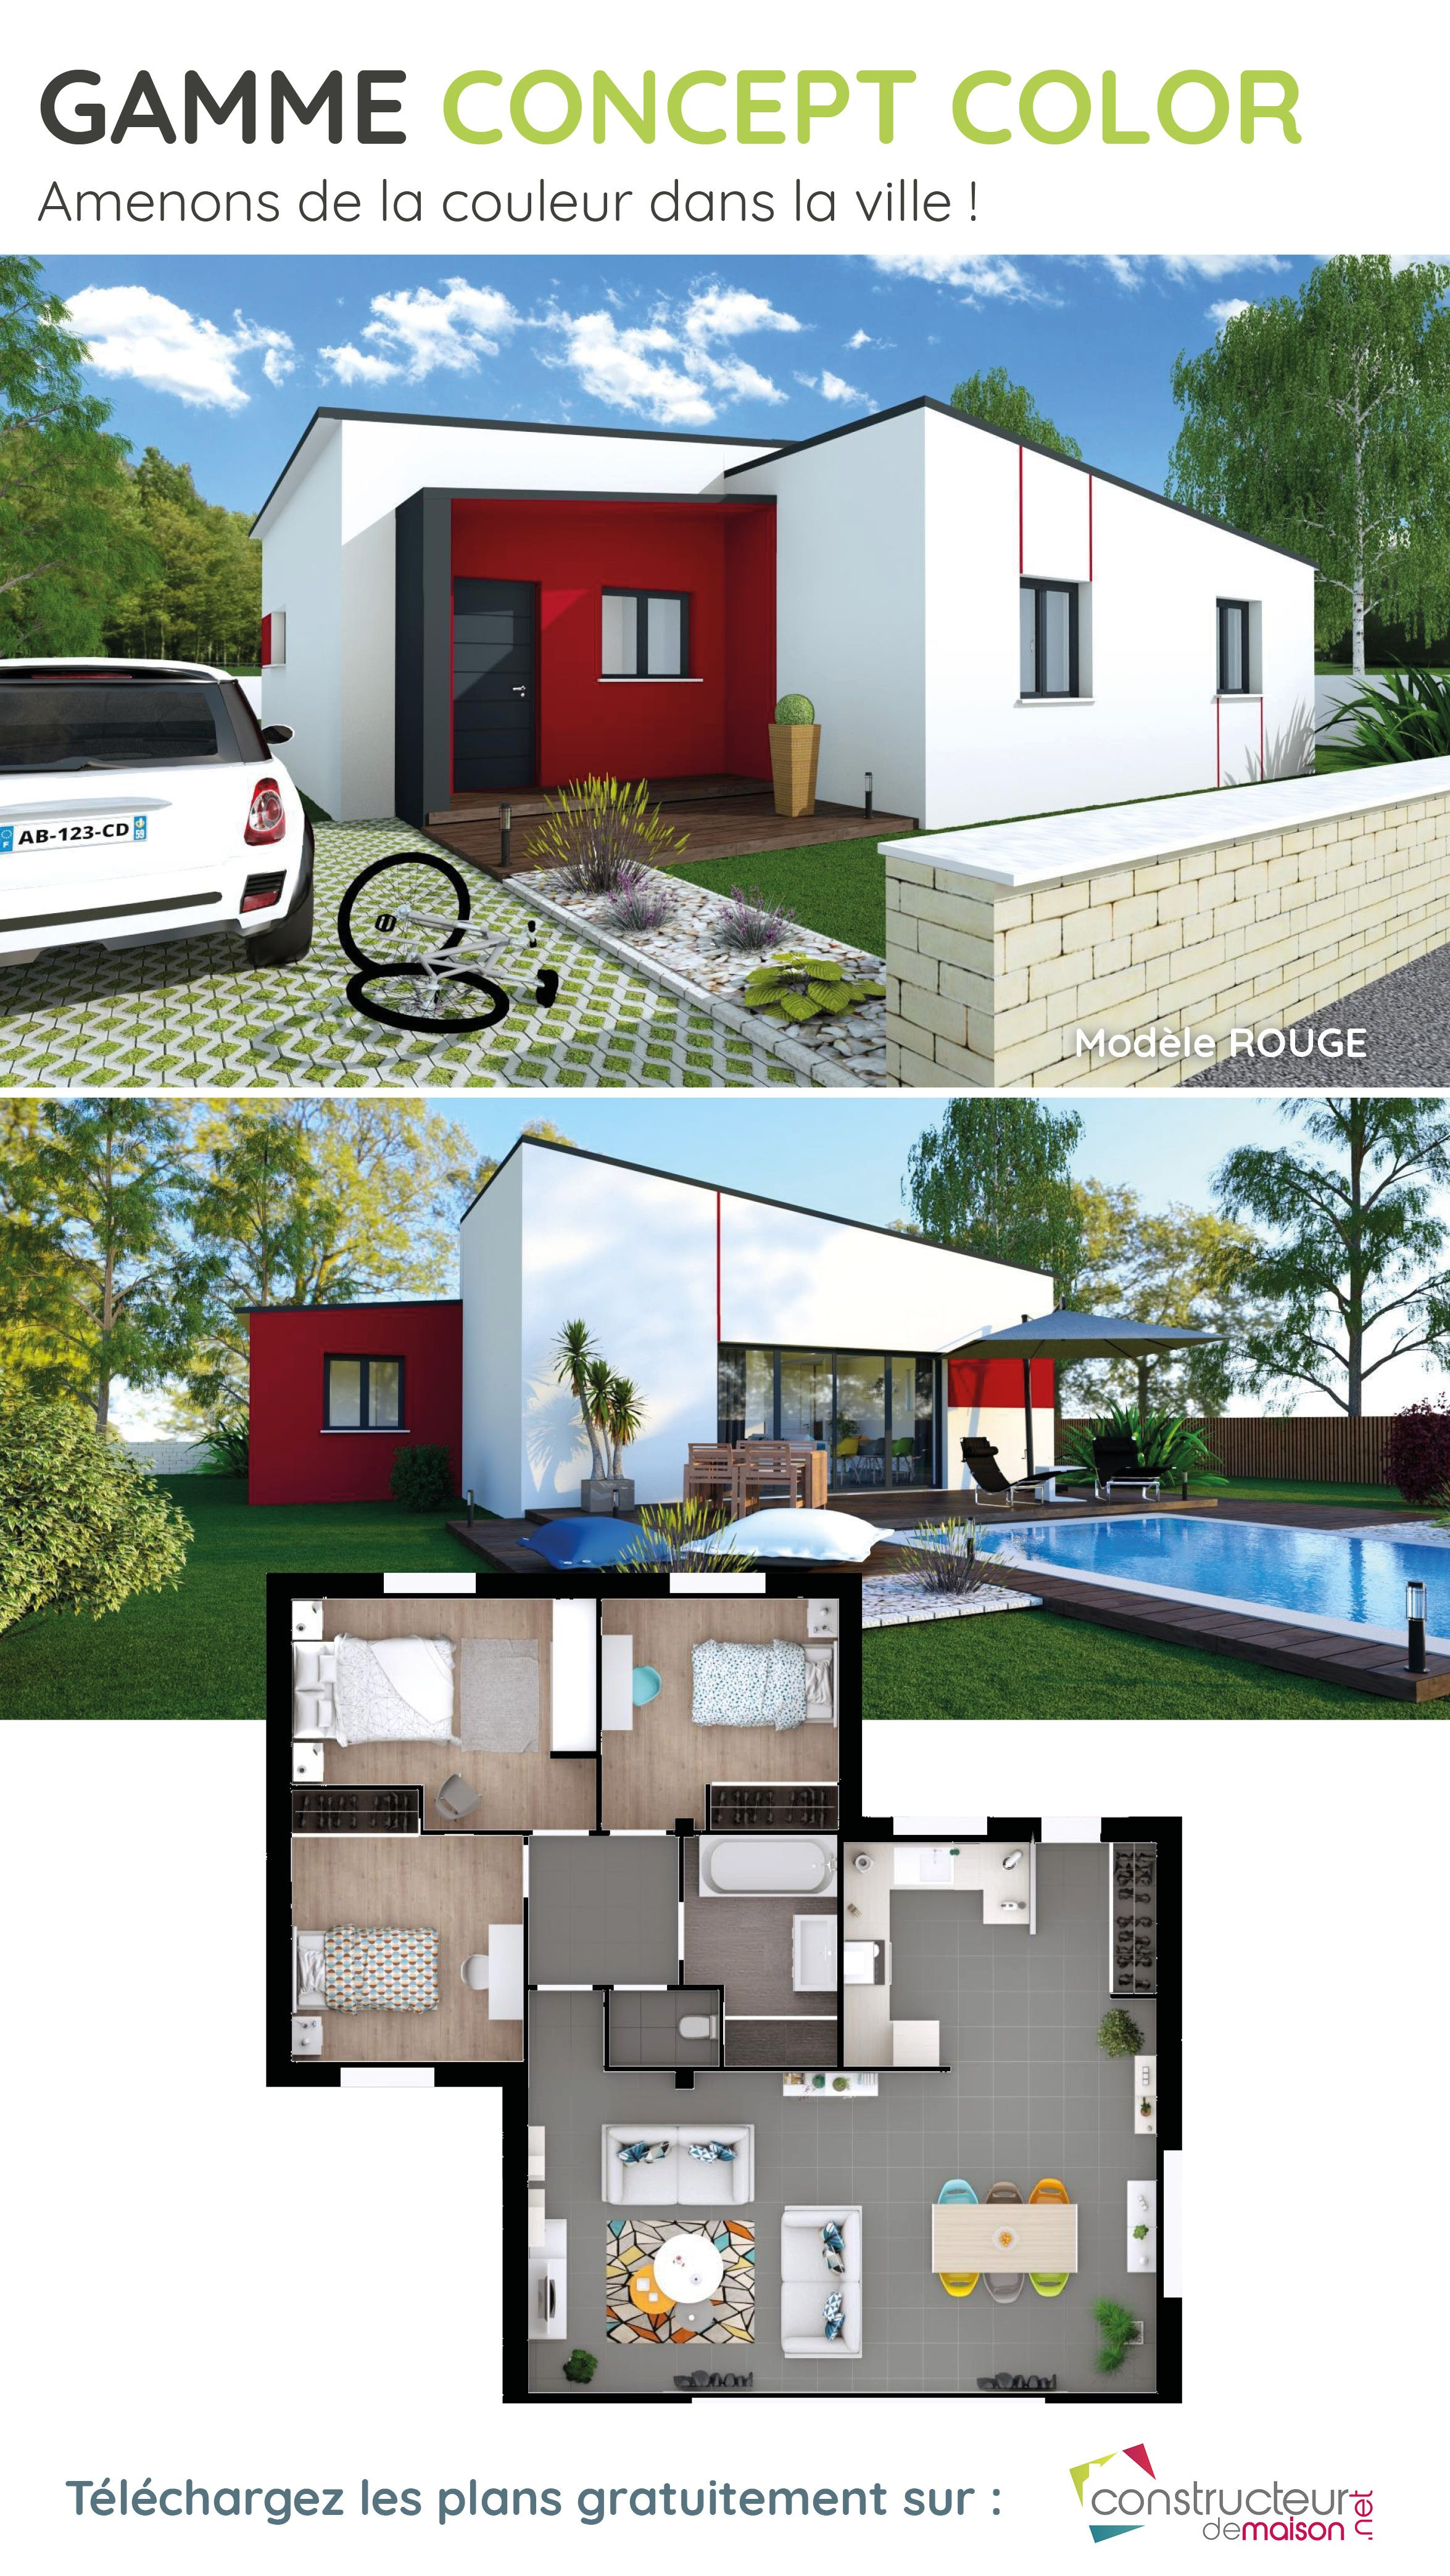 Plan D Une Maison De Plein Pied Modèle Rouge Gamme Concept